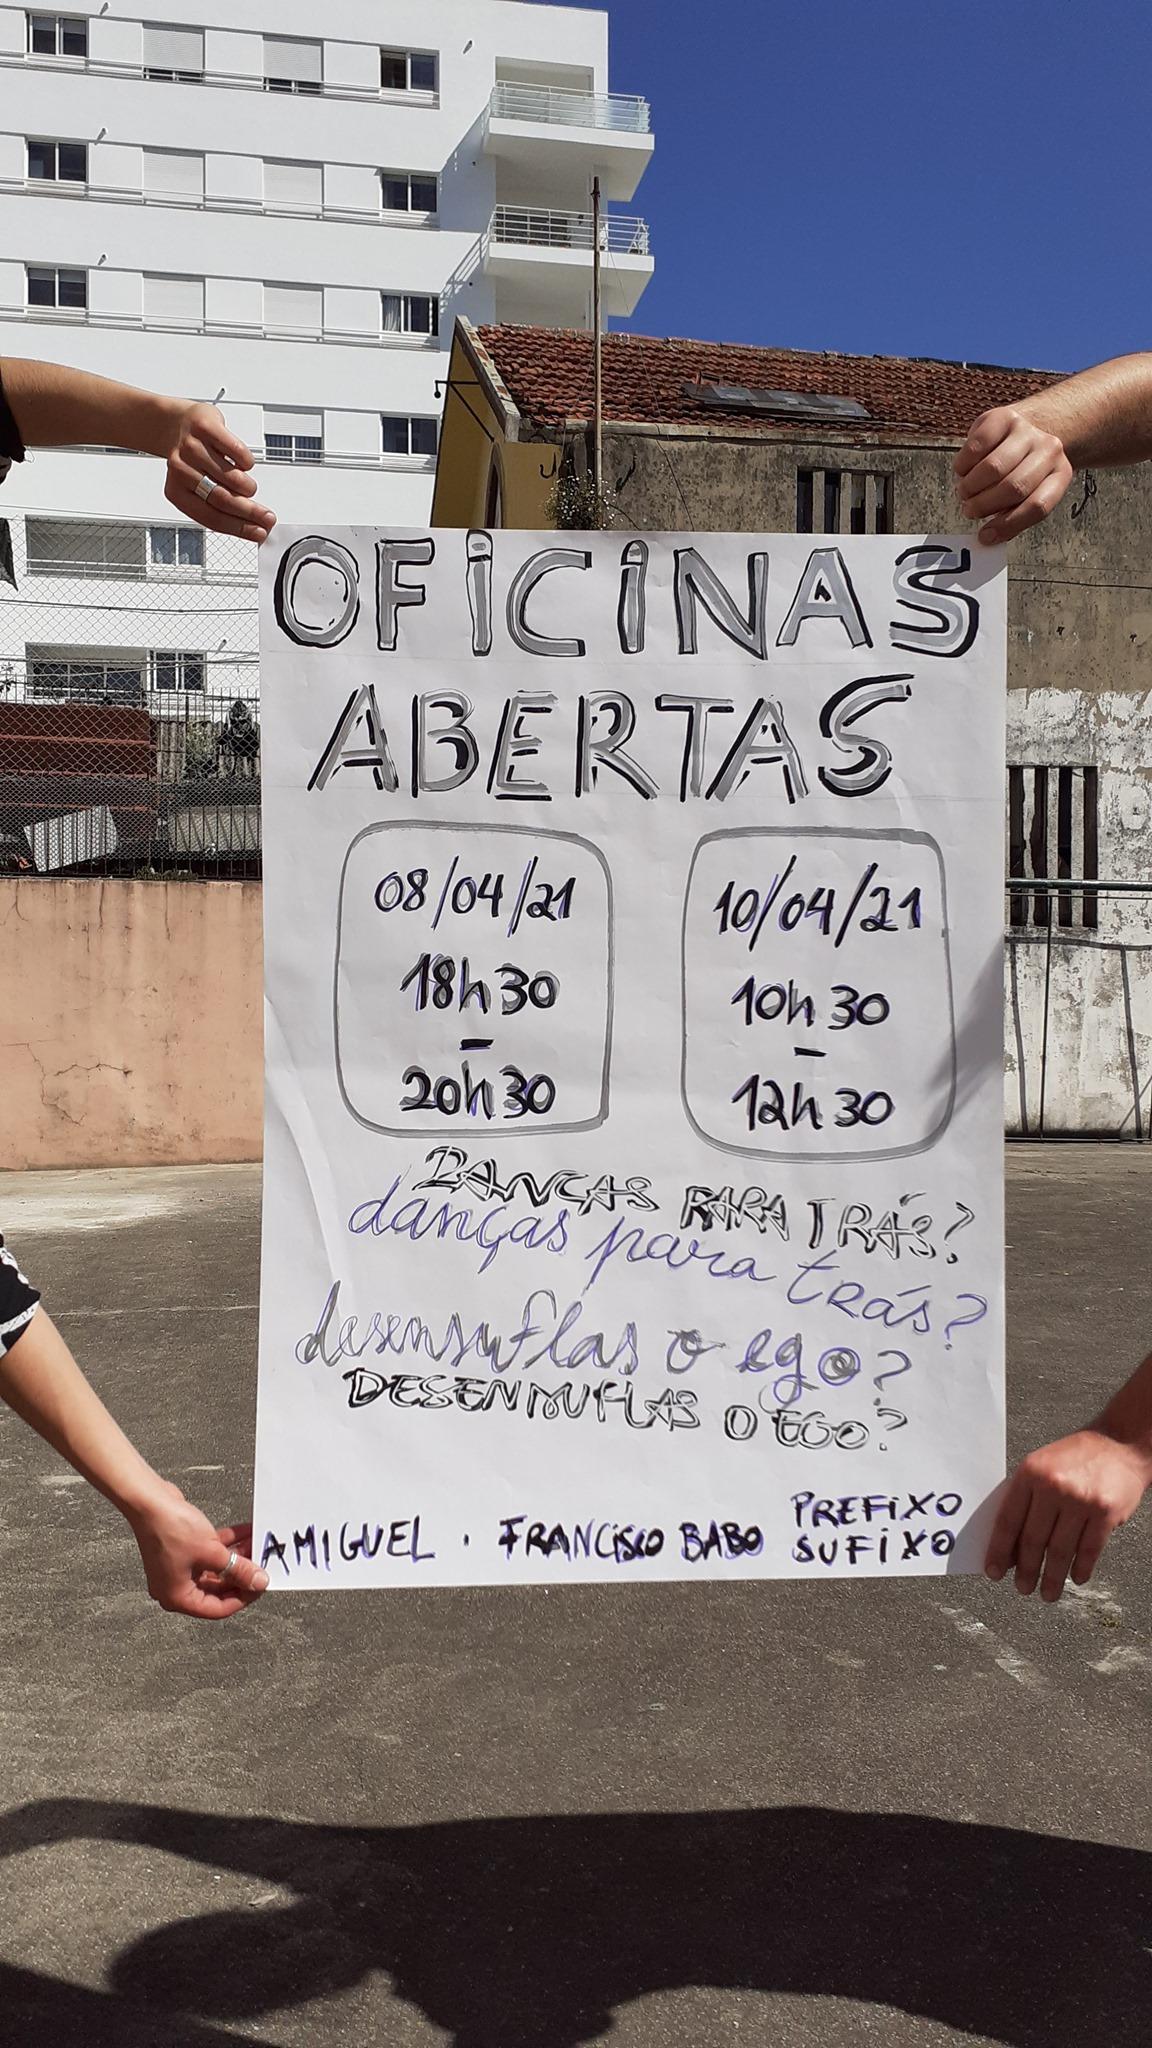 Oficinas Abertas - com aMiguel e Francisco Babo Prefixo Sufixo